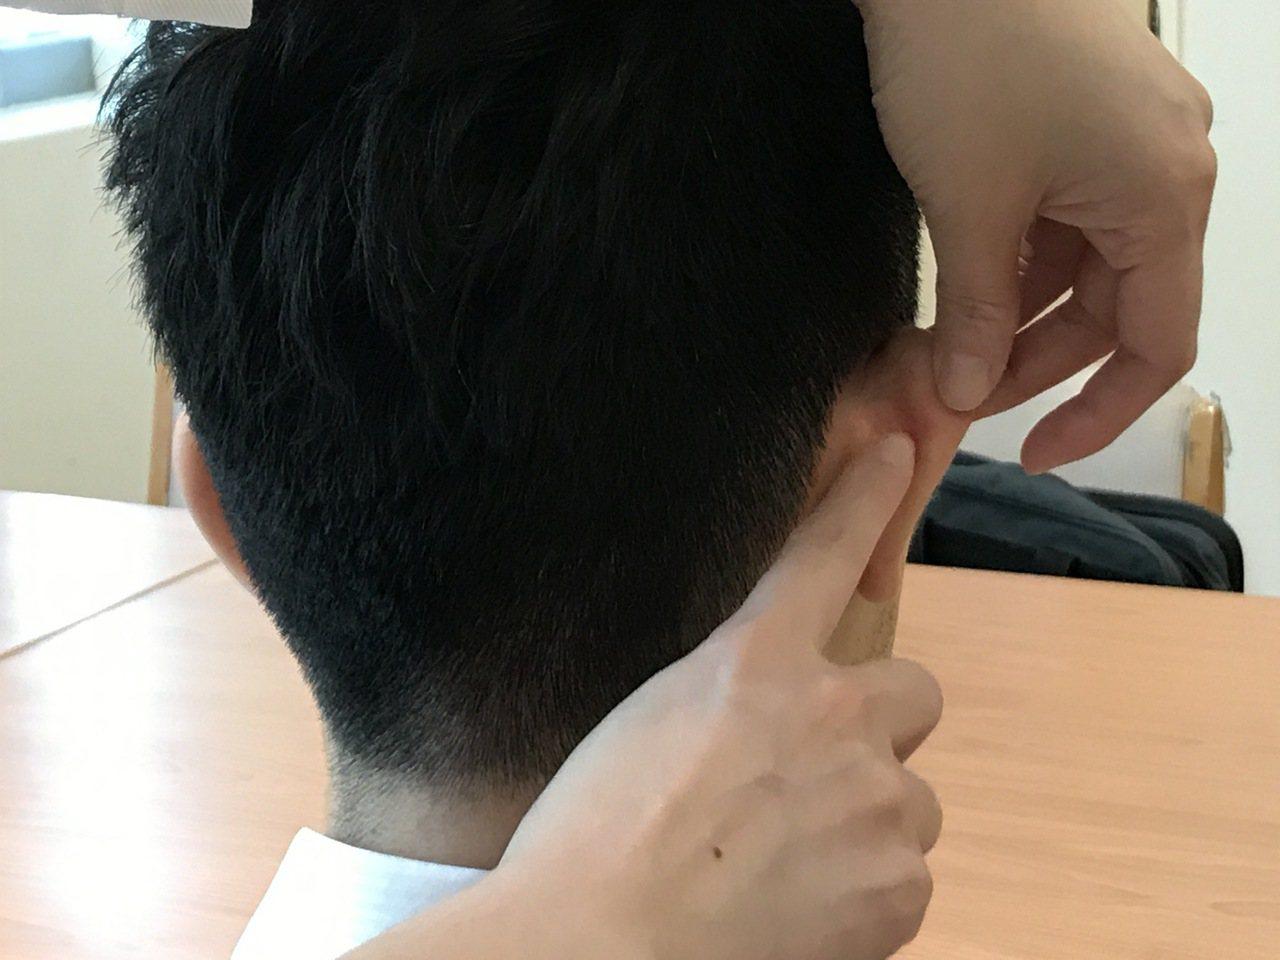 依據中醫按壓耳後的降壓溝穴位,有助降血壓。圖/台北慈濟醫院提供